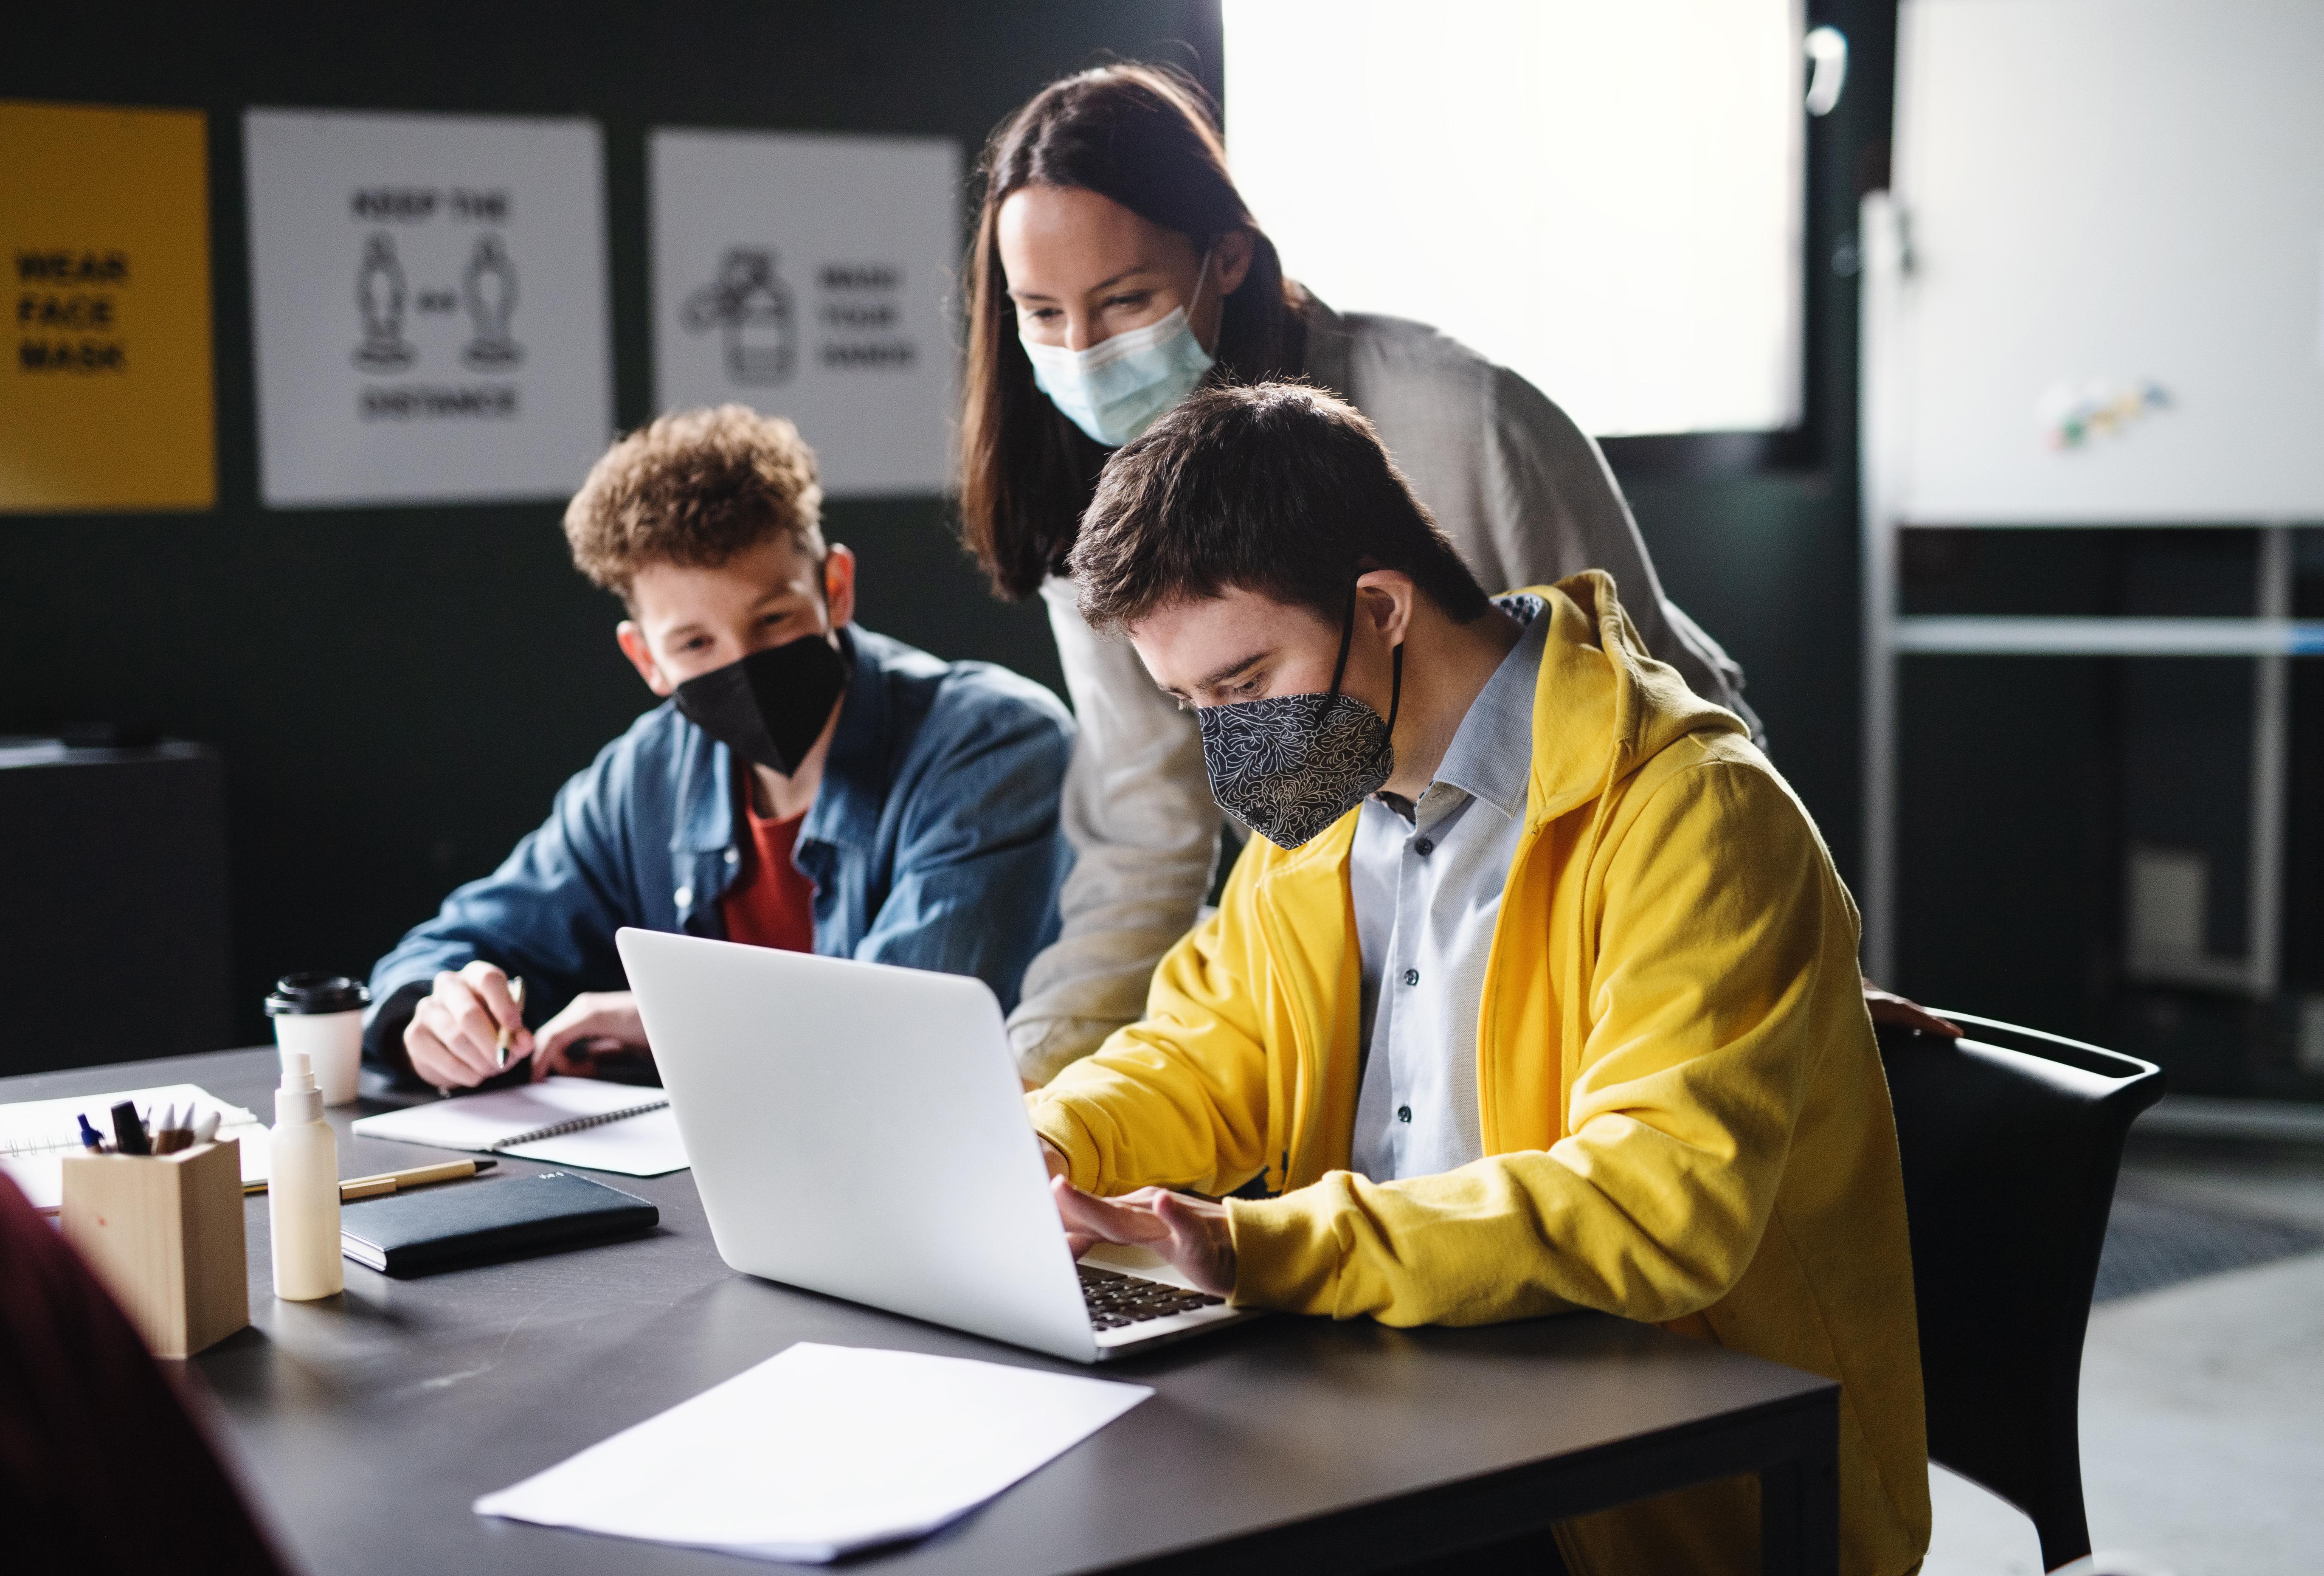 Grup a classe amb mascareta, i amb educació híbrida paper i digital